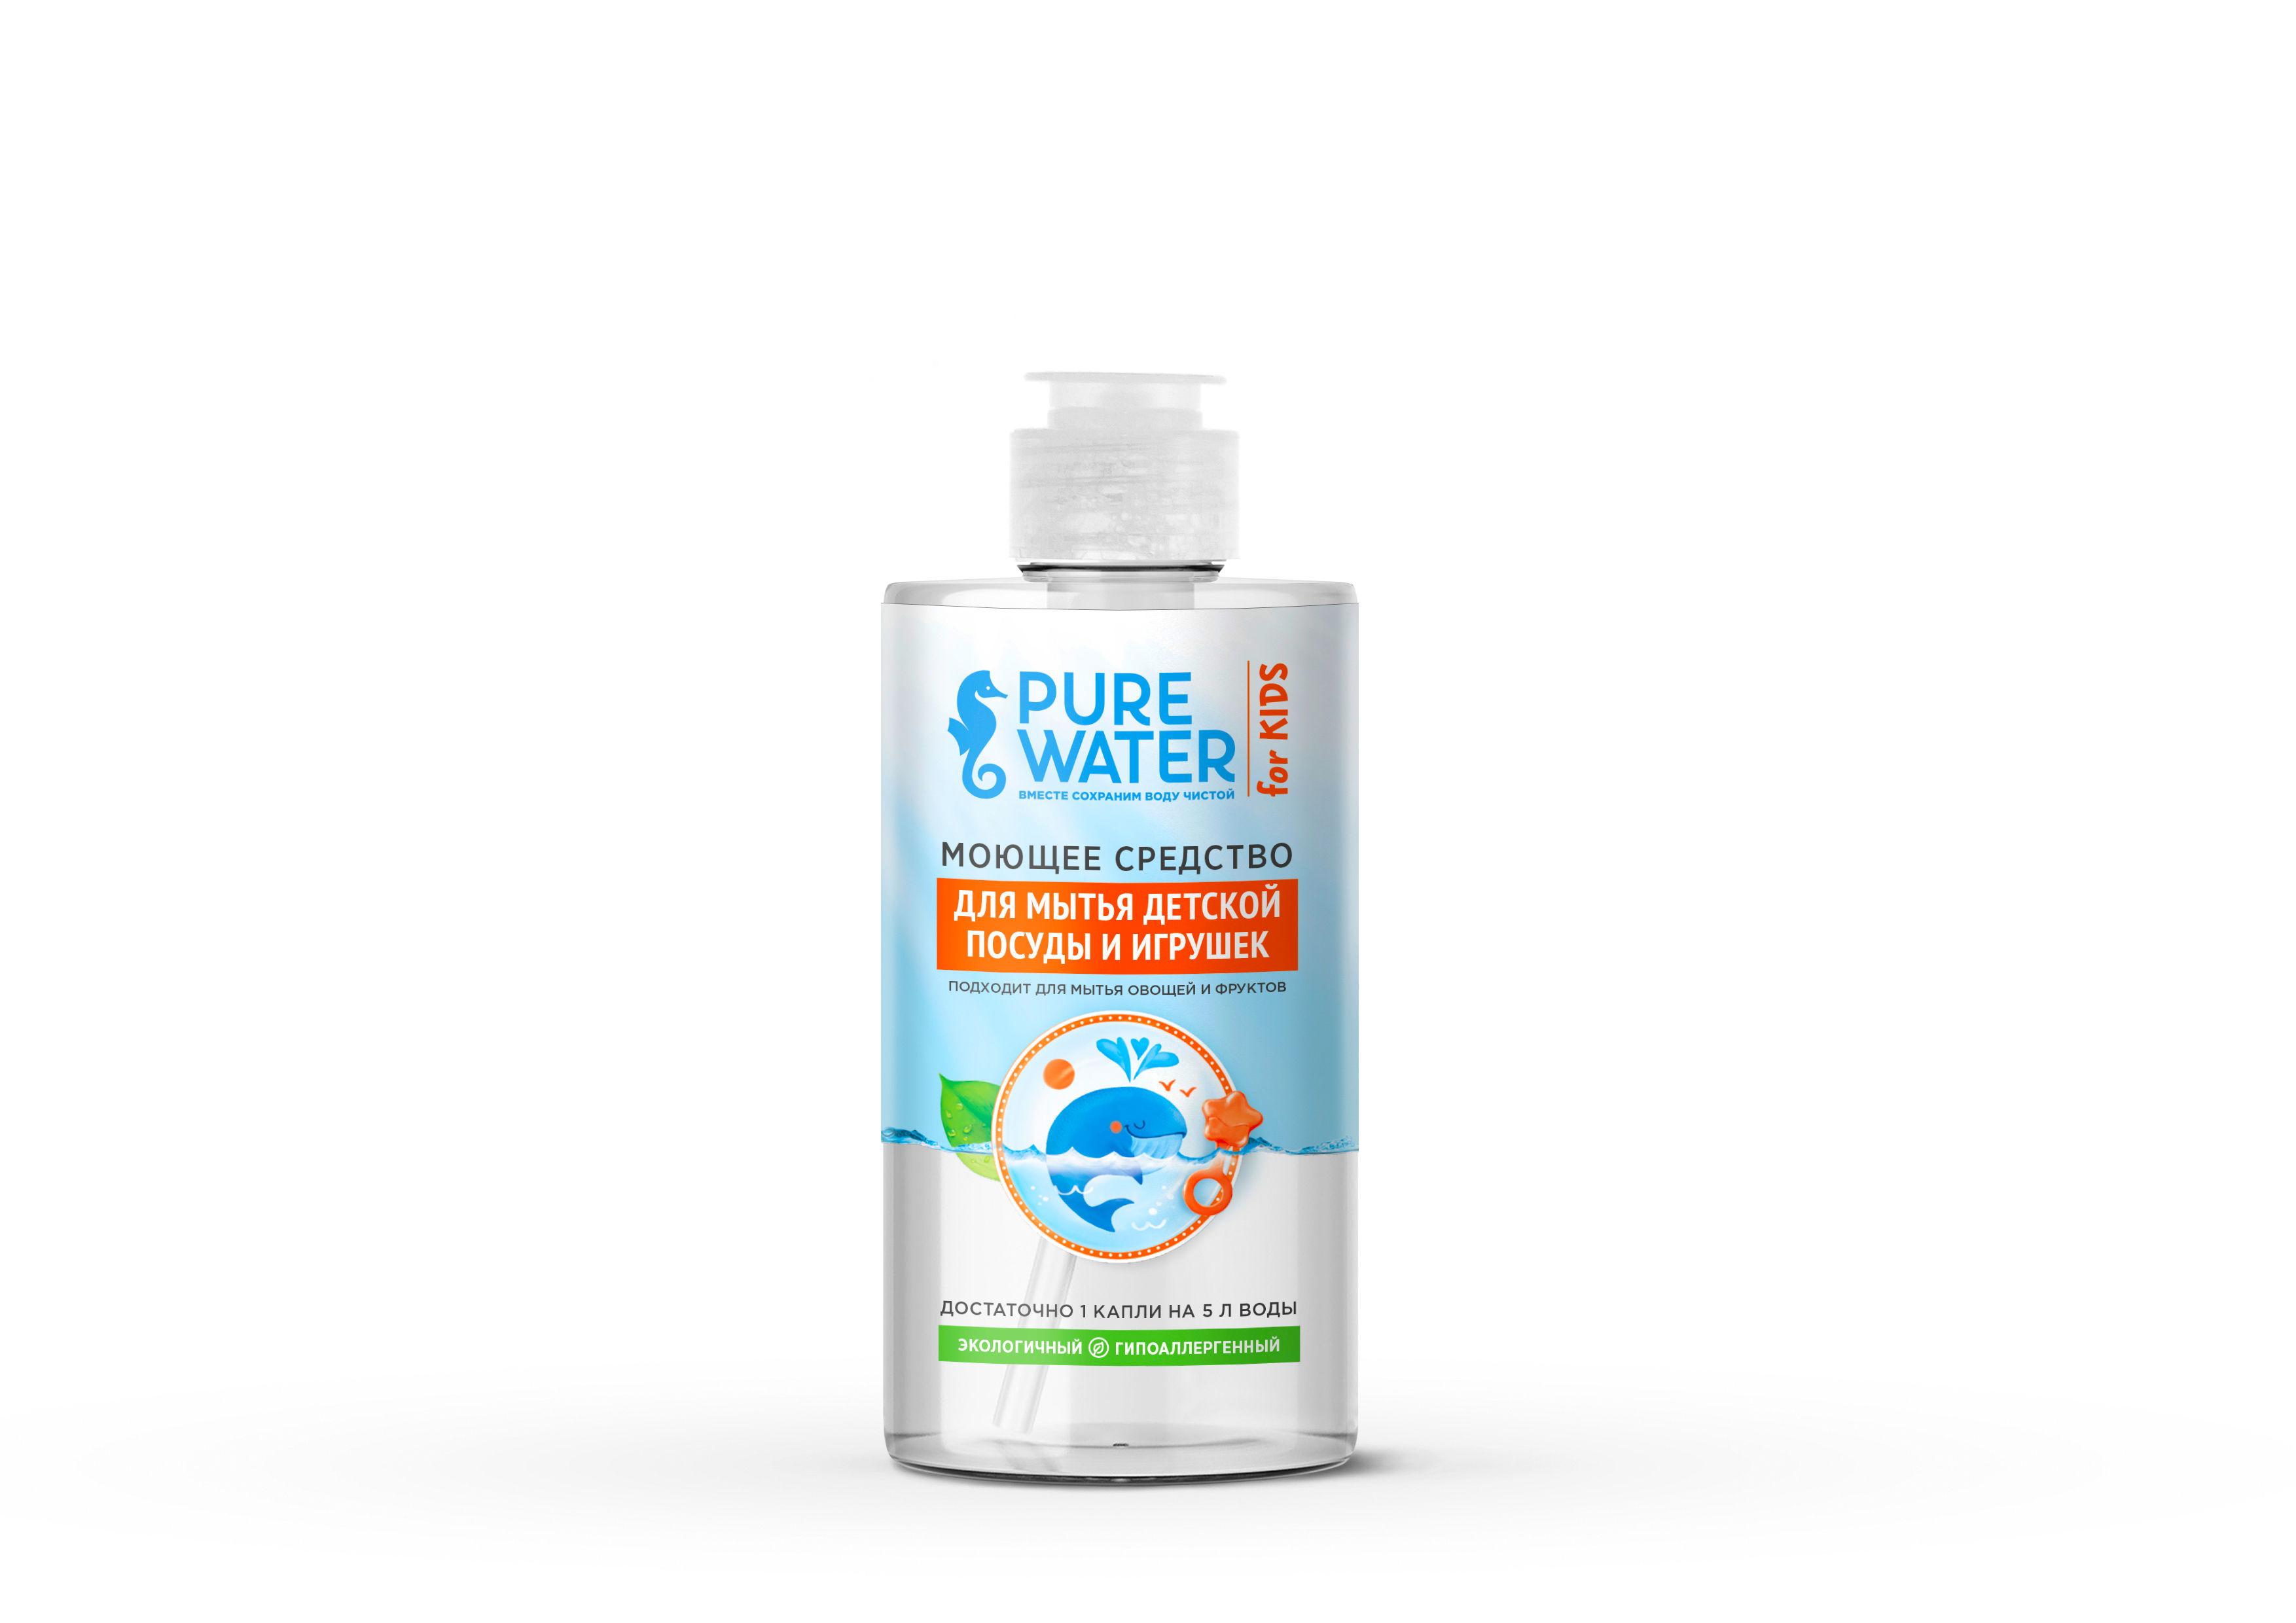 Моющее средство для мытья детской посуды PURE Water 450 мл